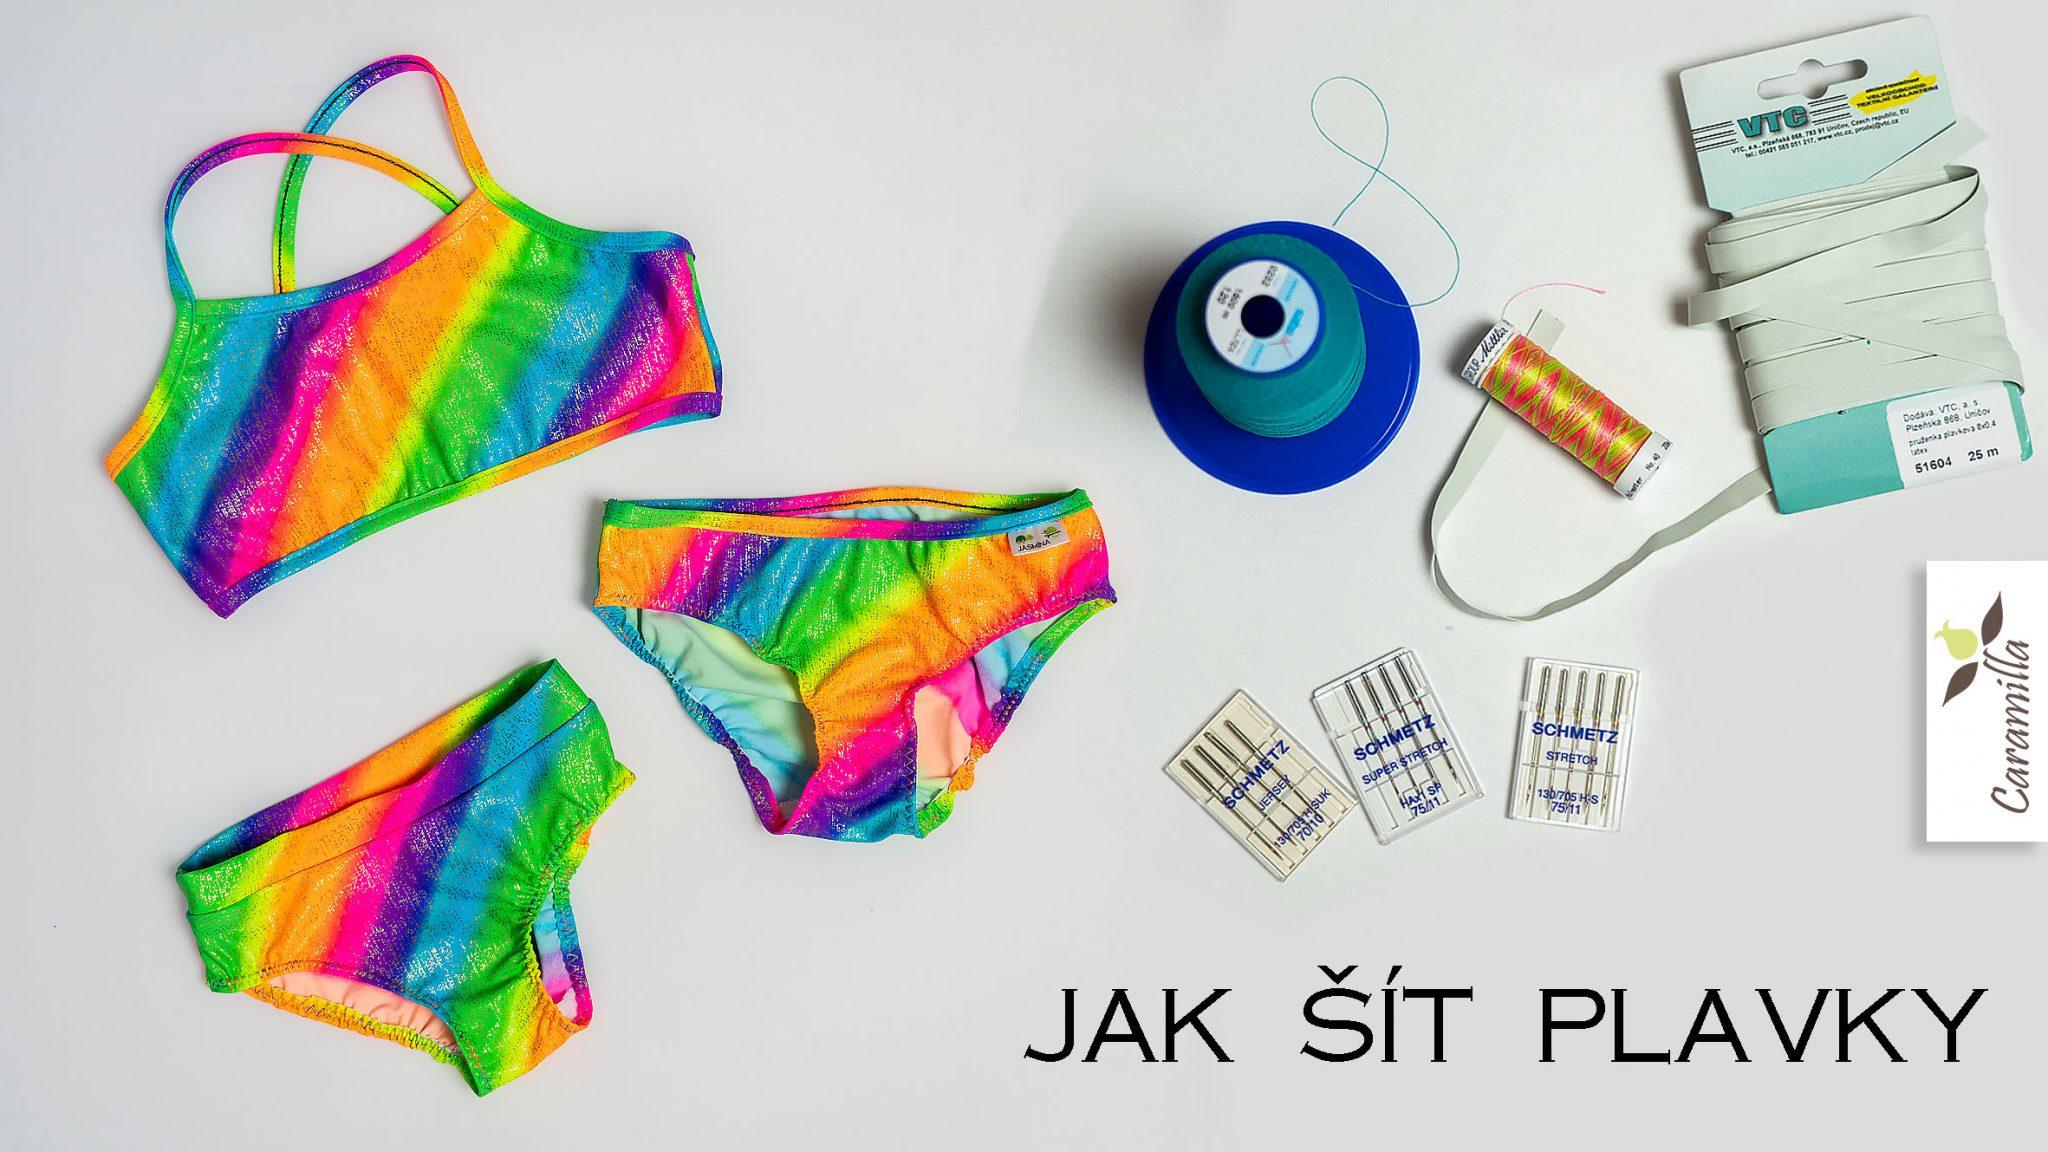 Jak šít plavky (střihy, materiály, komponenty, stehy)